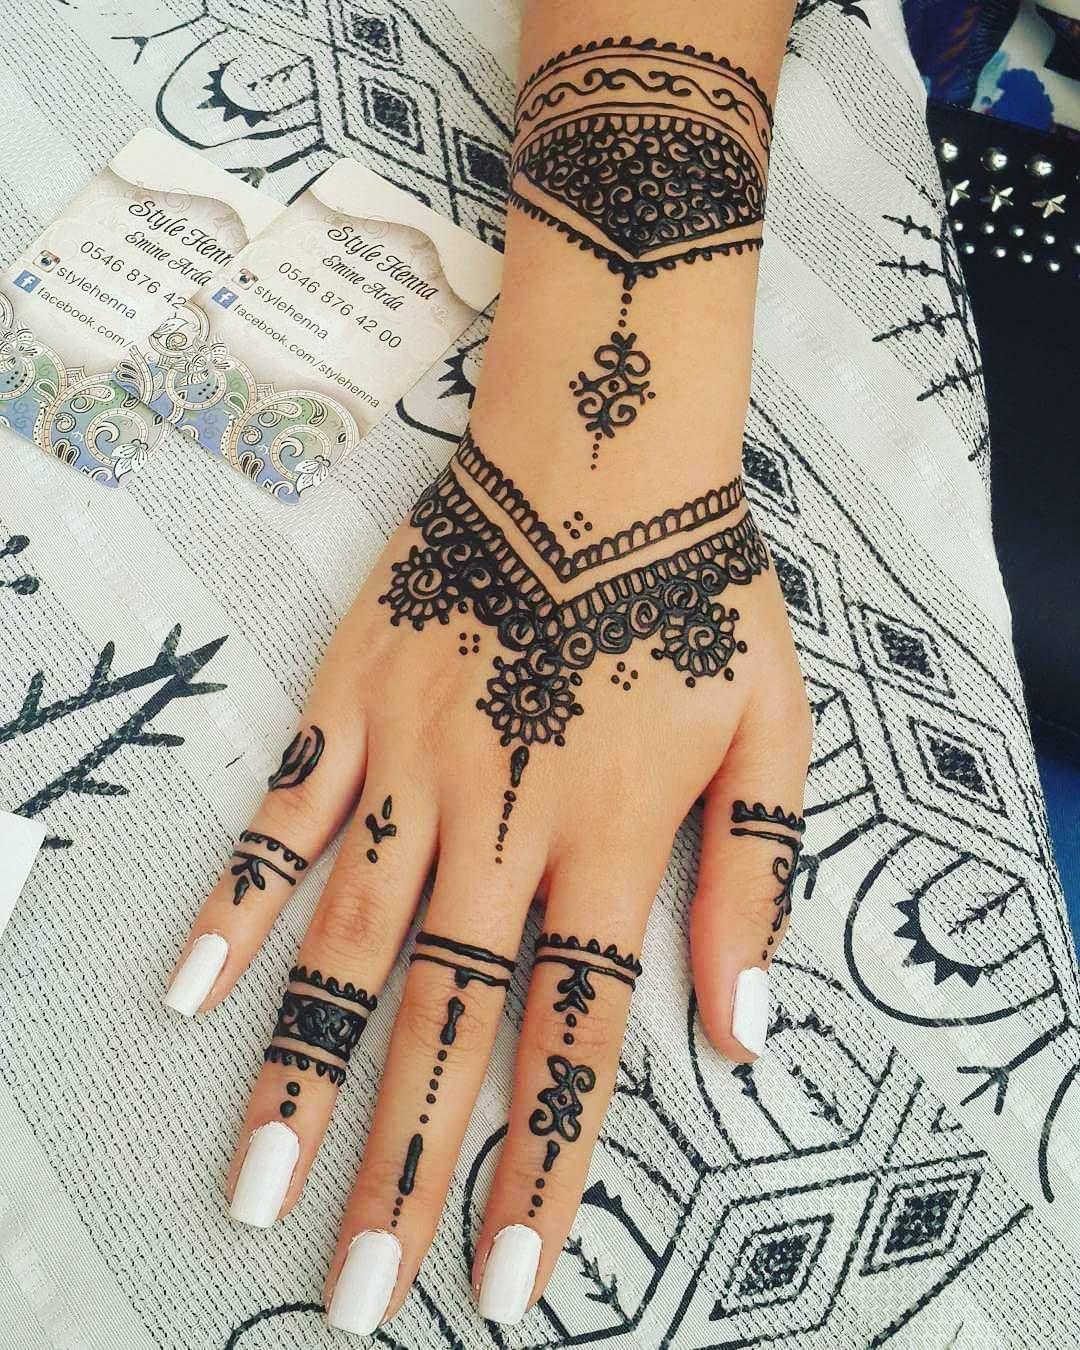 Harga Henna Tattoo Kit: Henna Tattoo Kit, Henna Tattoo Hand, Finger Henna